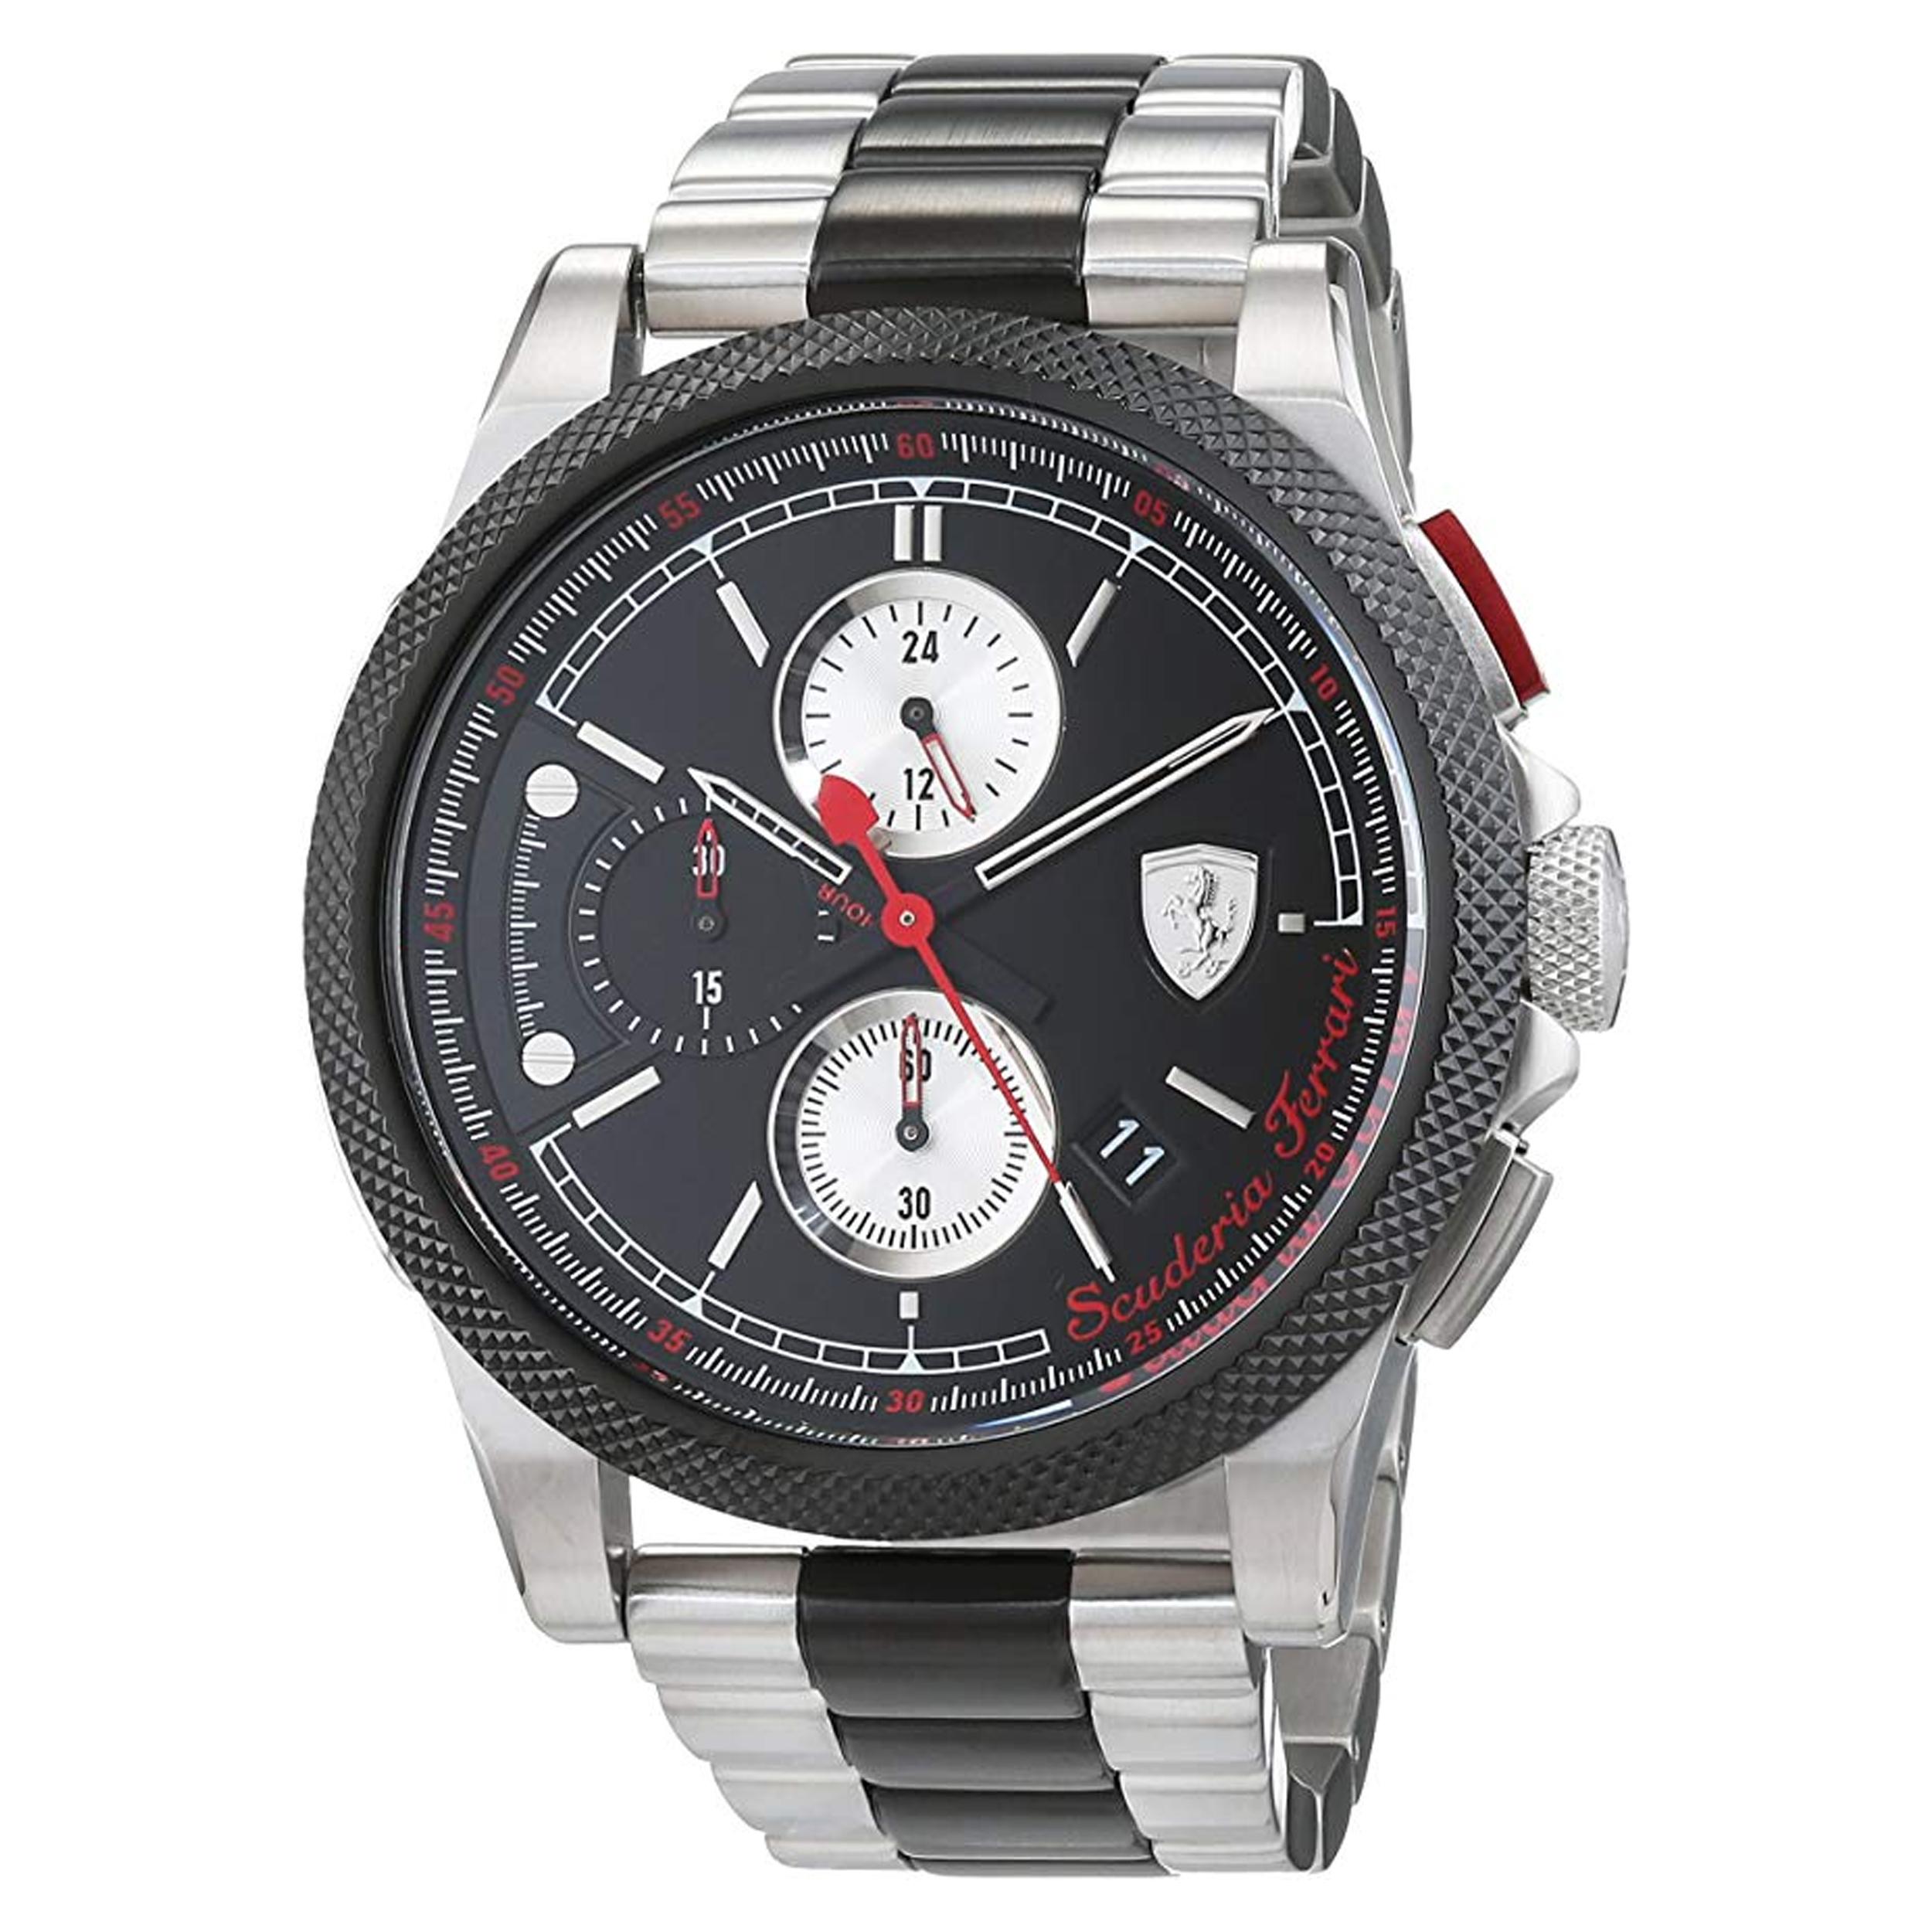 ساعت مچی عقربه ای مردانه فراری مدل ۰۸۳۰۳۲۹